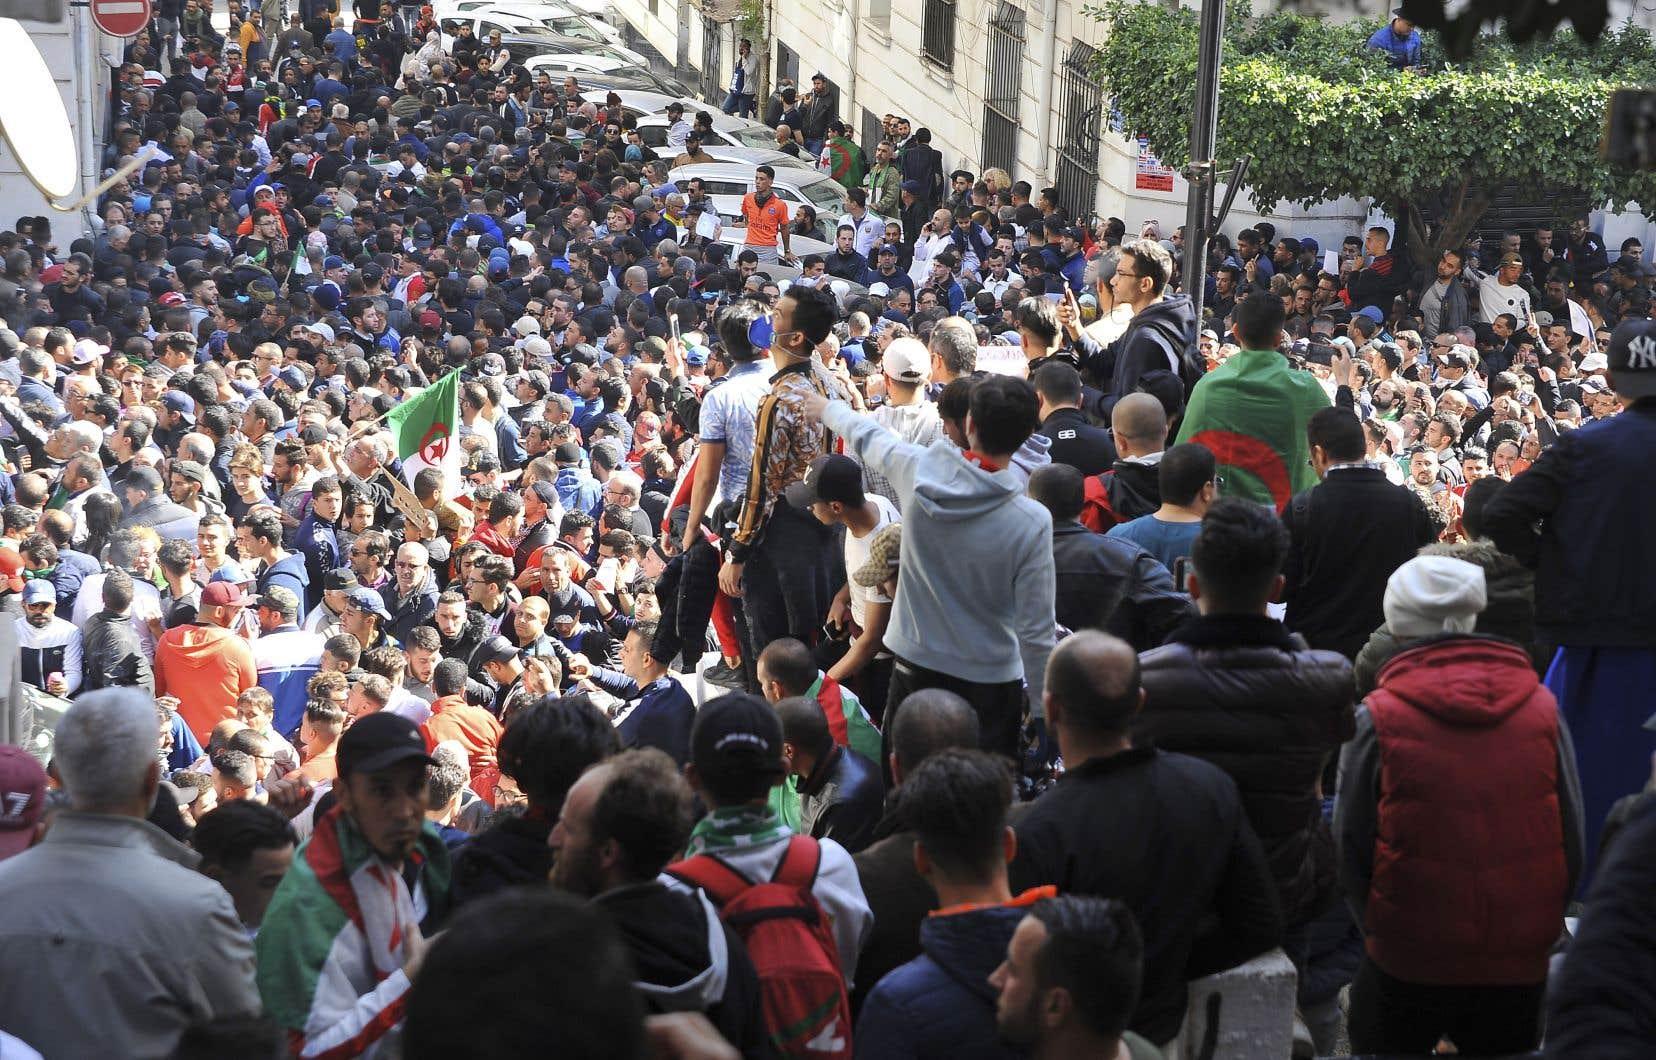 Des dizaines de milliers de manifestants ont envahi les rues d'Alger, vendredi, pour protester contre la candidature d'Abdelaziz Bouteflika à un cinquième mandat à la présidence du pays.